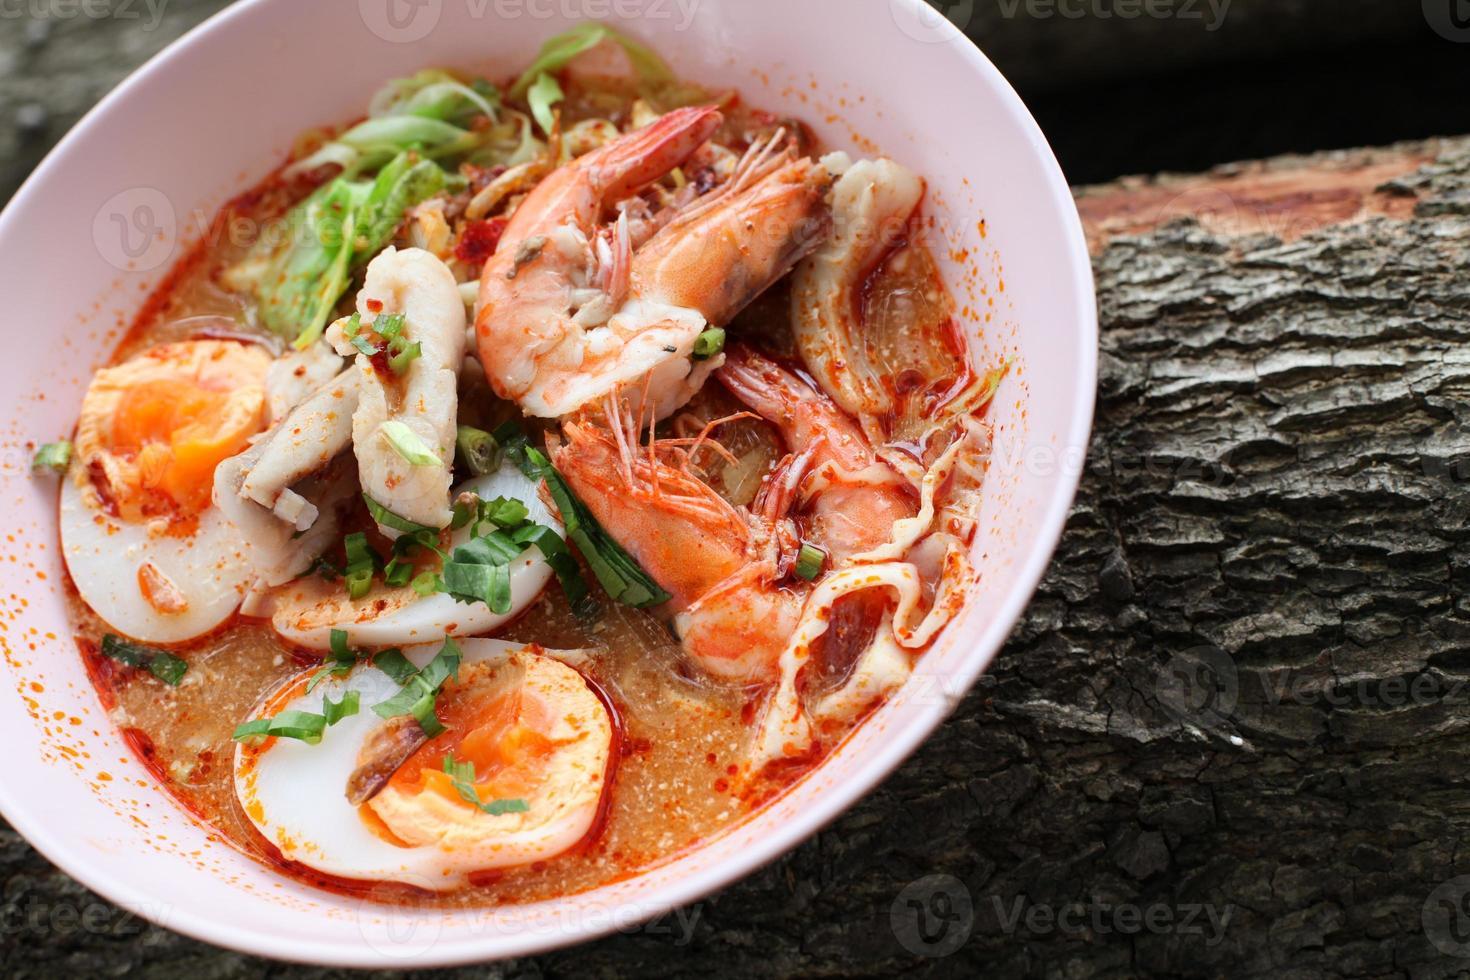 tom yum kung thai matkryddor och smaskiga foto